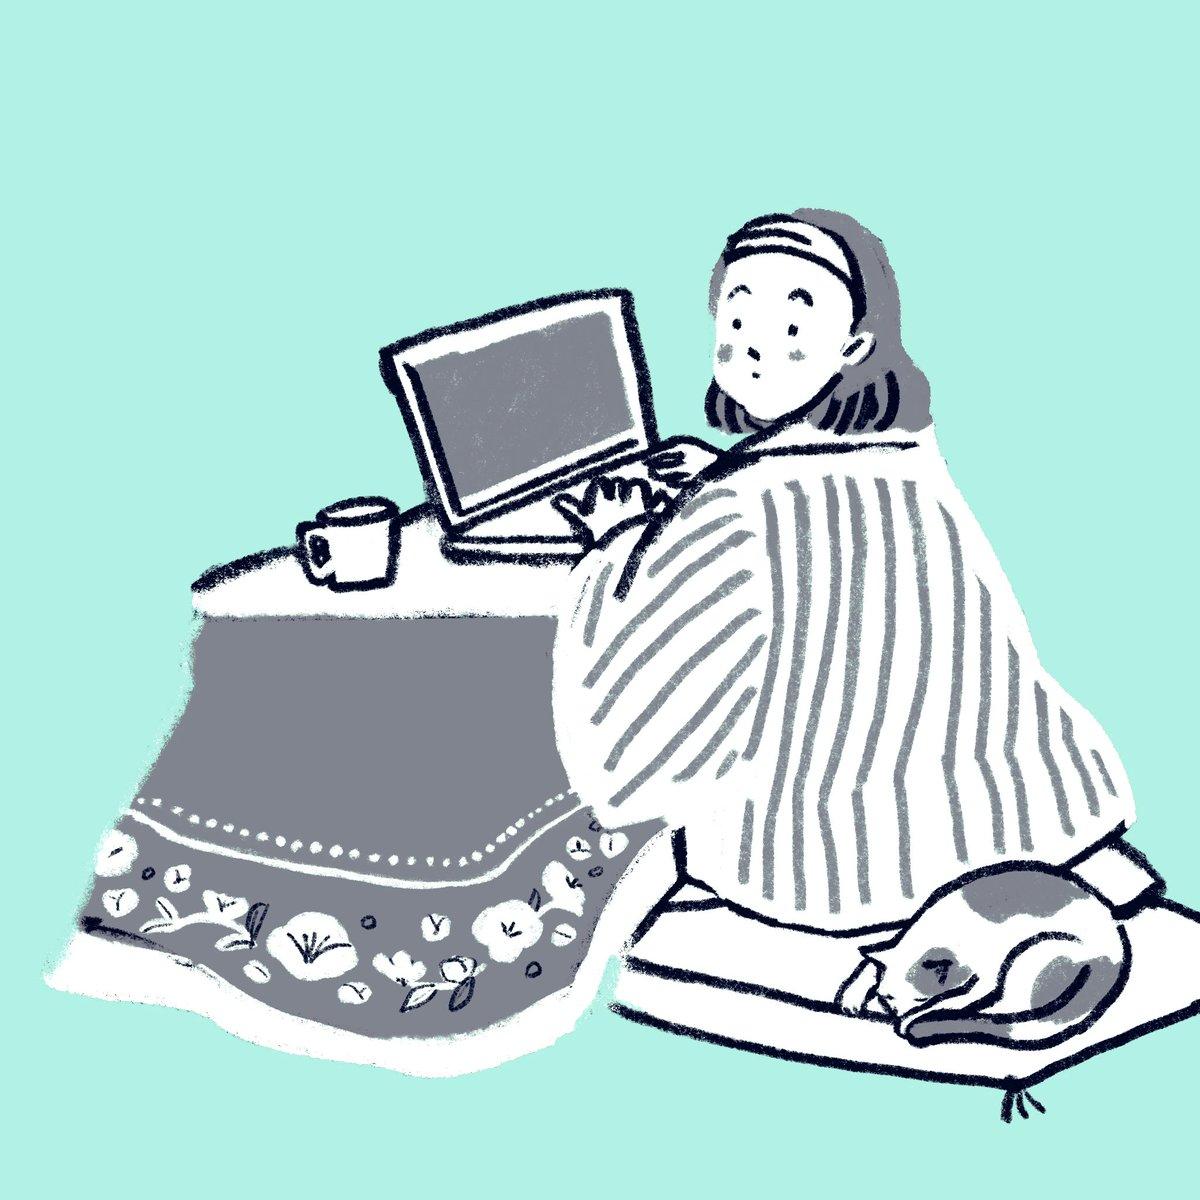 オシャレな雑誌で、「在宅でお仕事している女性」とのお題に、この絵を出したらおそらくボツになった模様!笑あれーおかしーなー、私はコレなんだけどなぁー